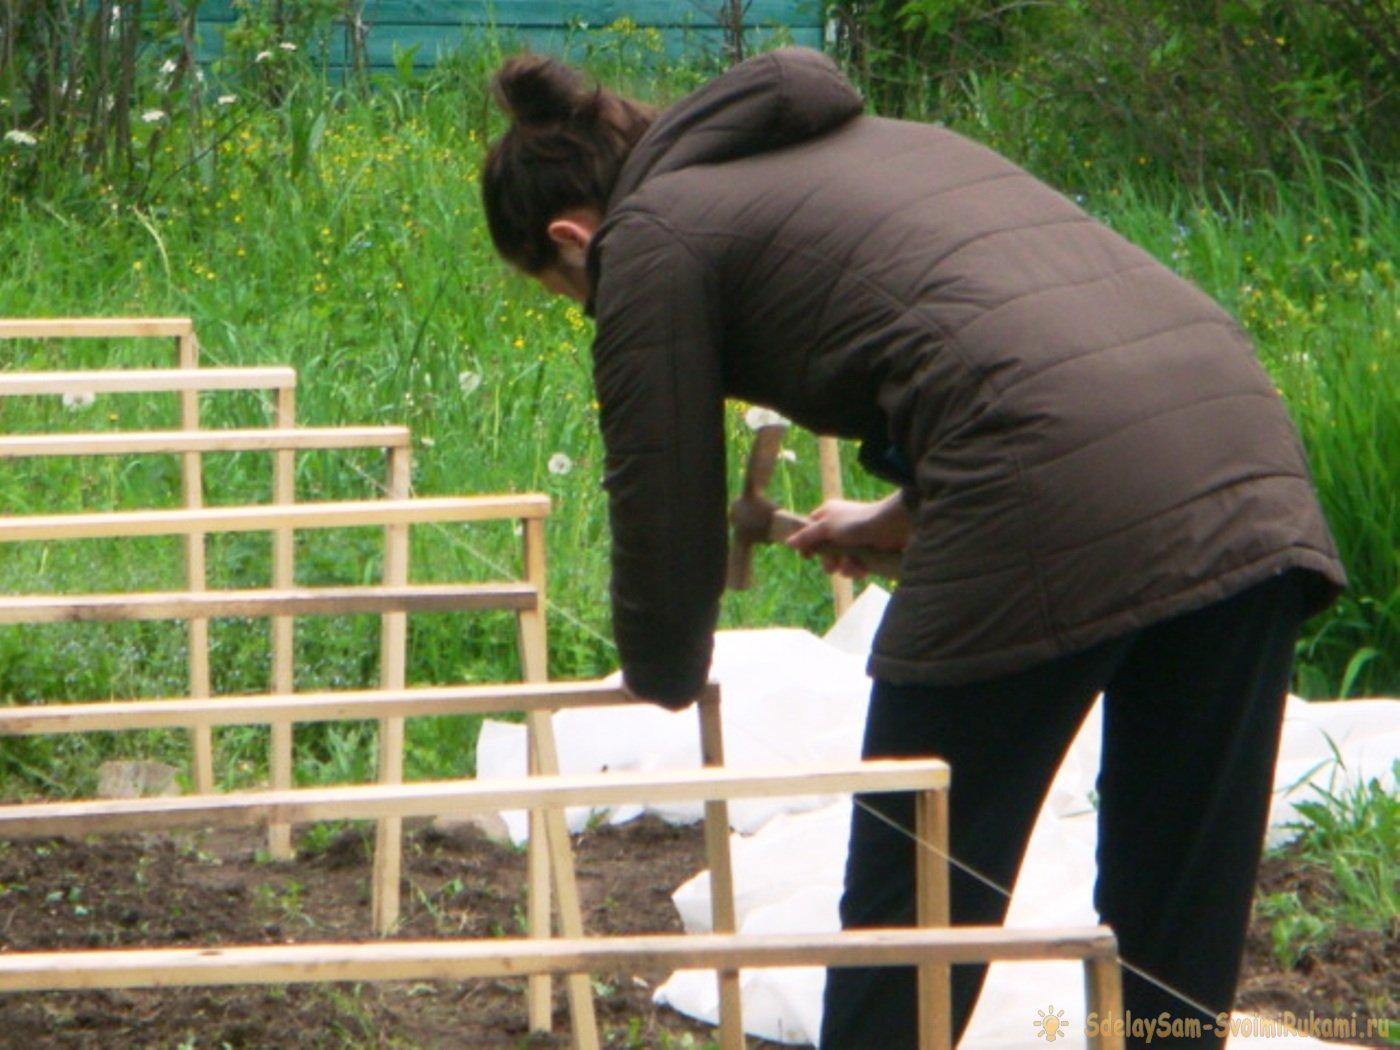 Лайфхак: как быстро построить простой парник на даче своими руками